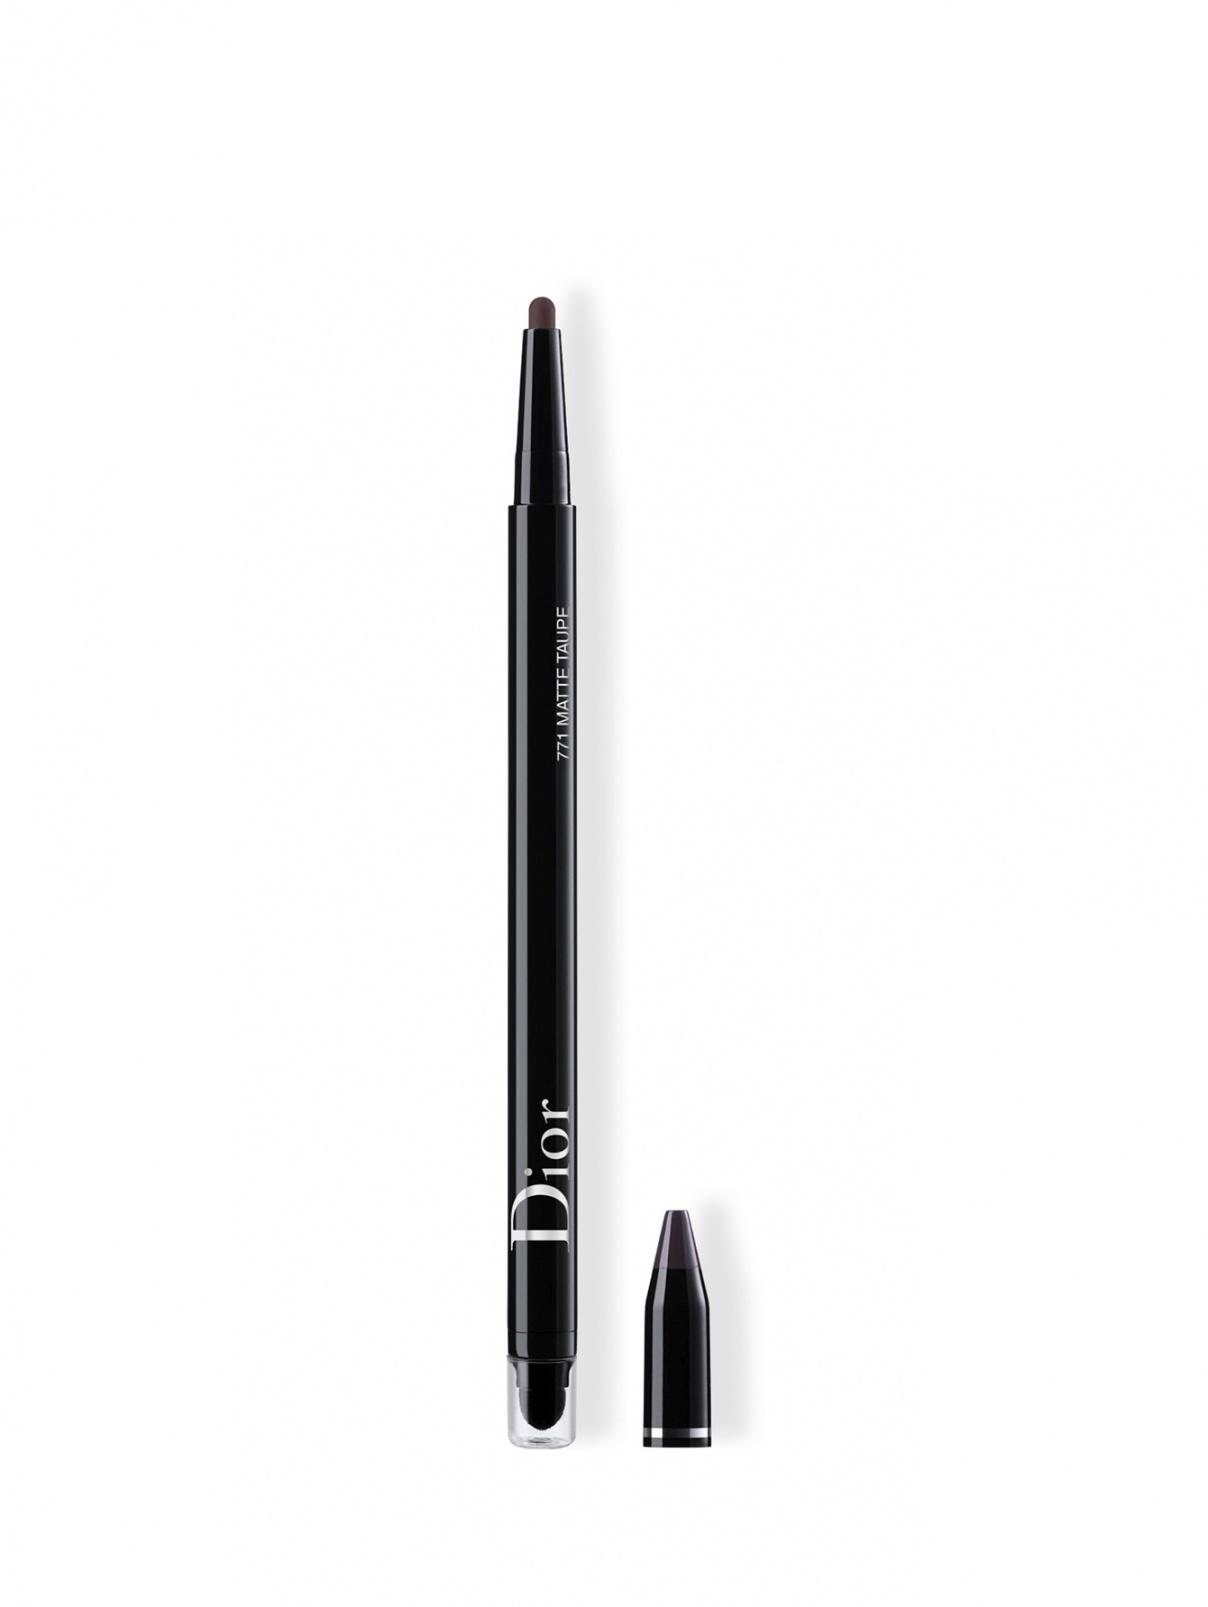 Diorshow 24H Stylo Водостойкая подводка для глаз 771 Матовый серо-коричневый Christian Dior  –  Общий вид